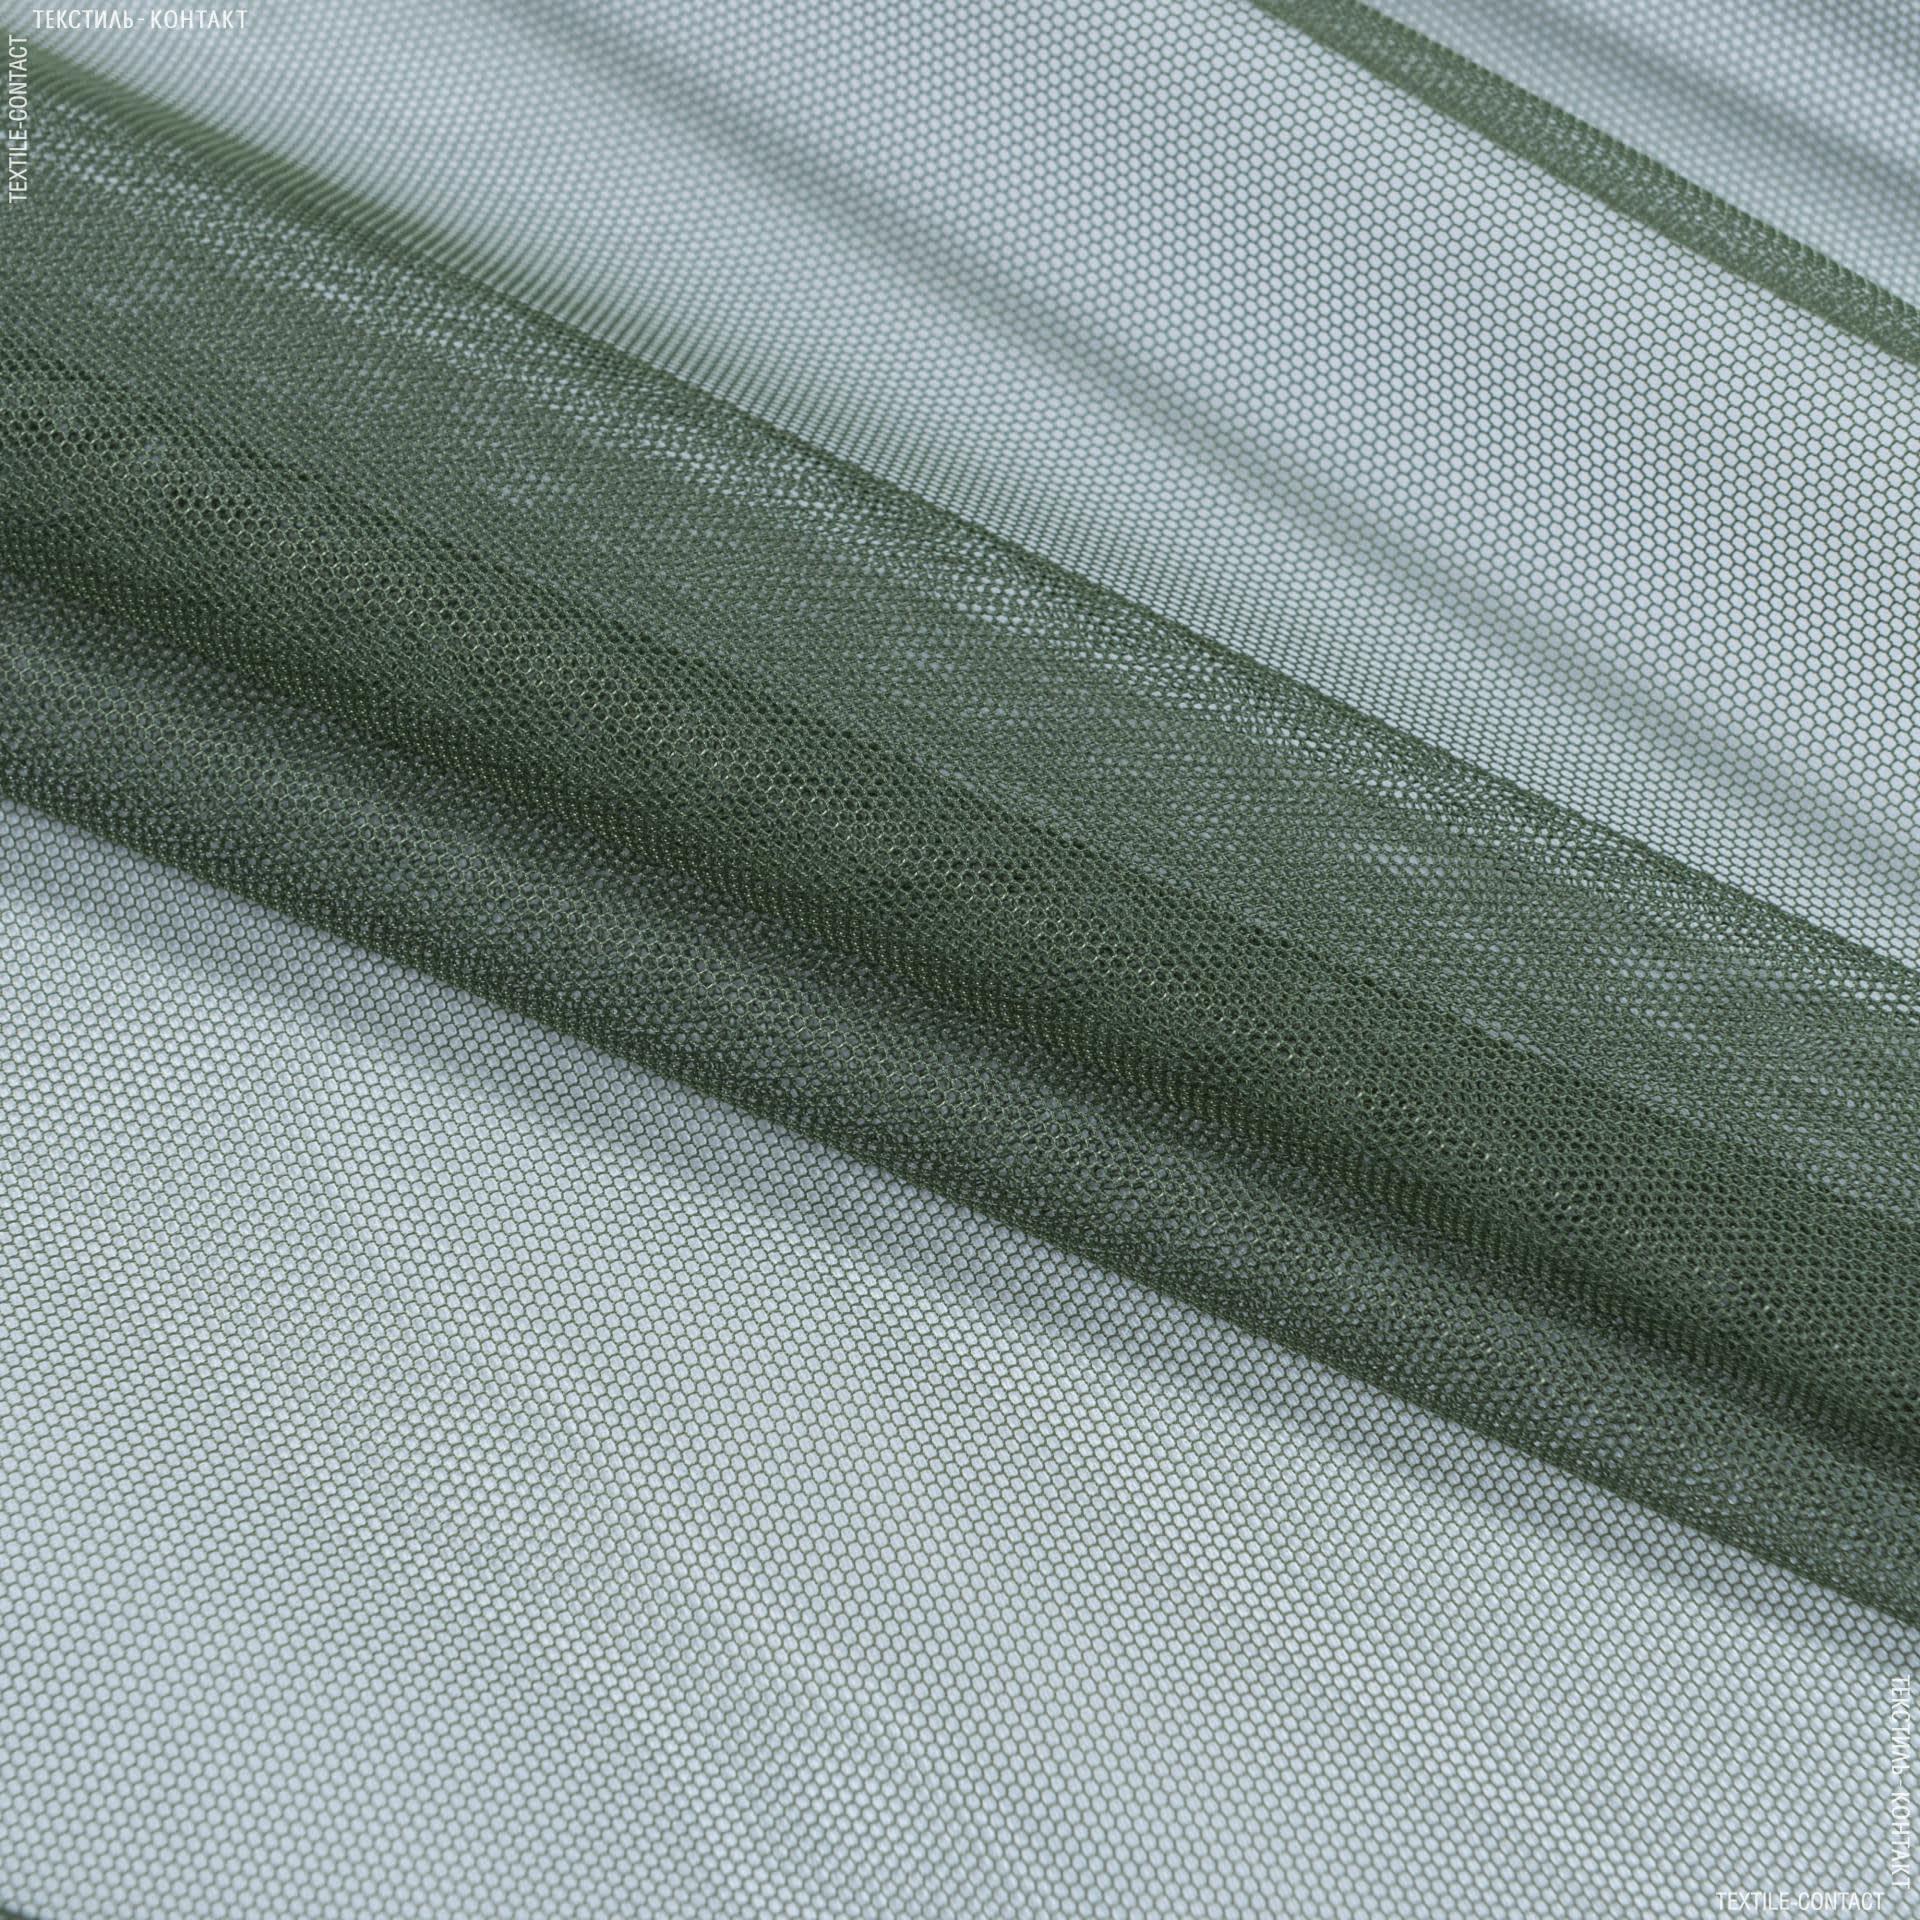 Тканини гардинні тканини - Тюль з обважнювачем сітка грек/grek / мох